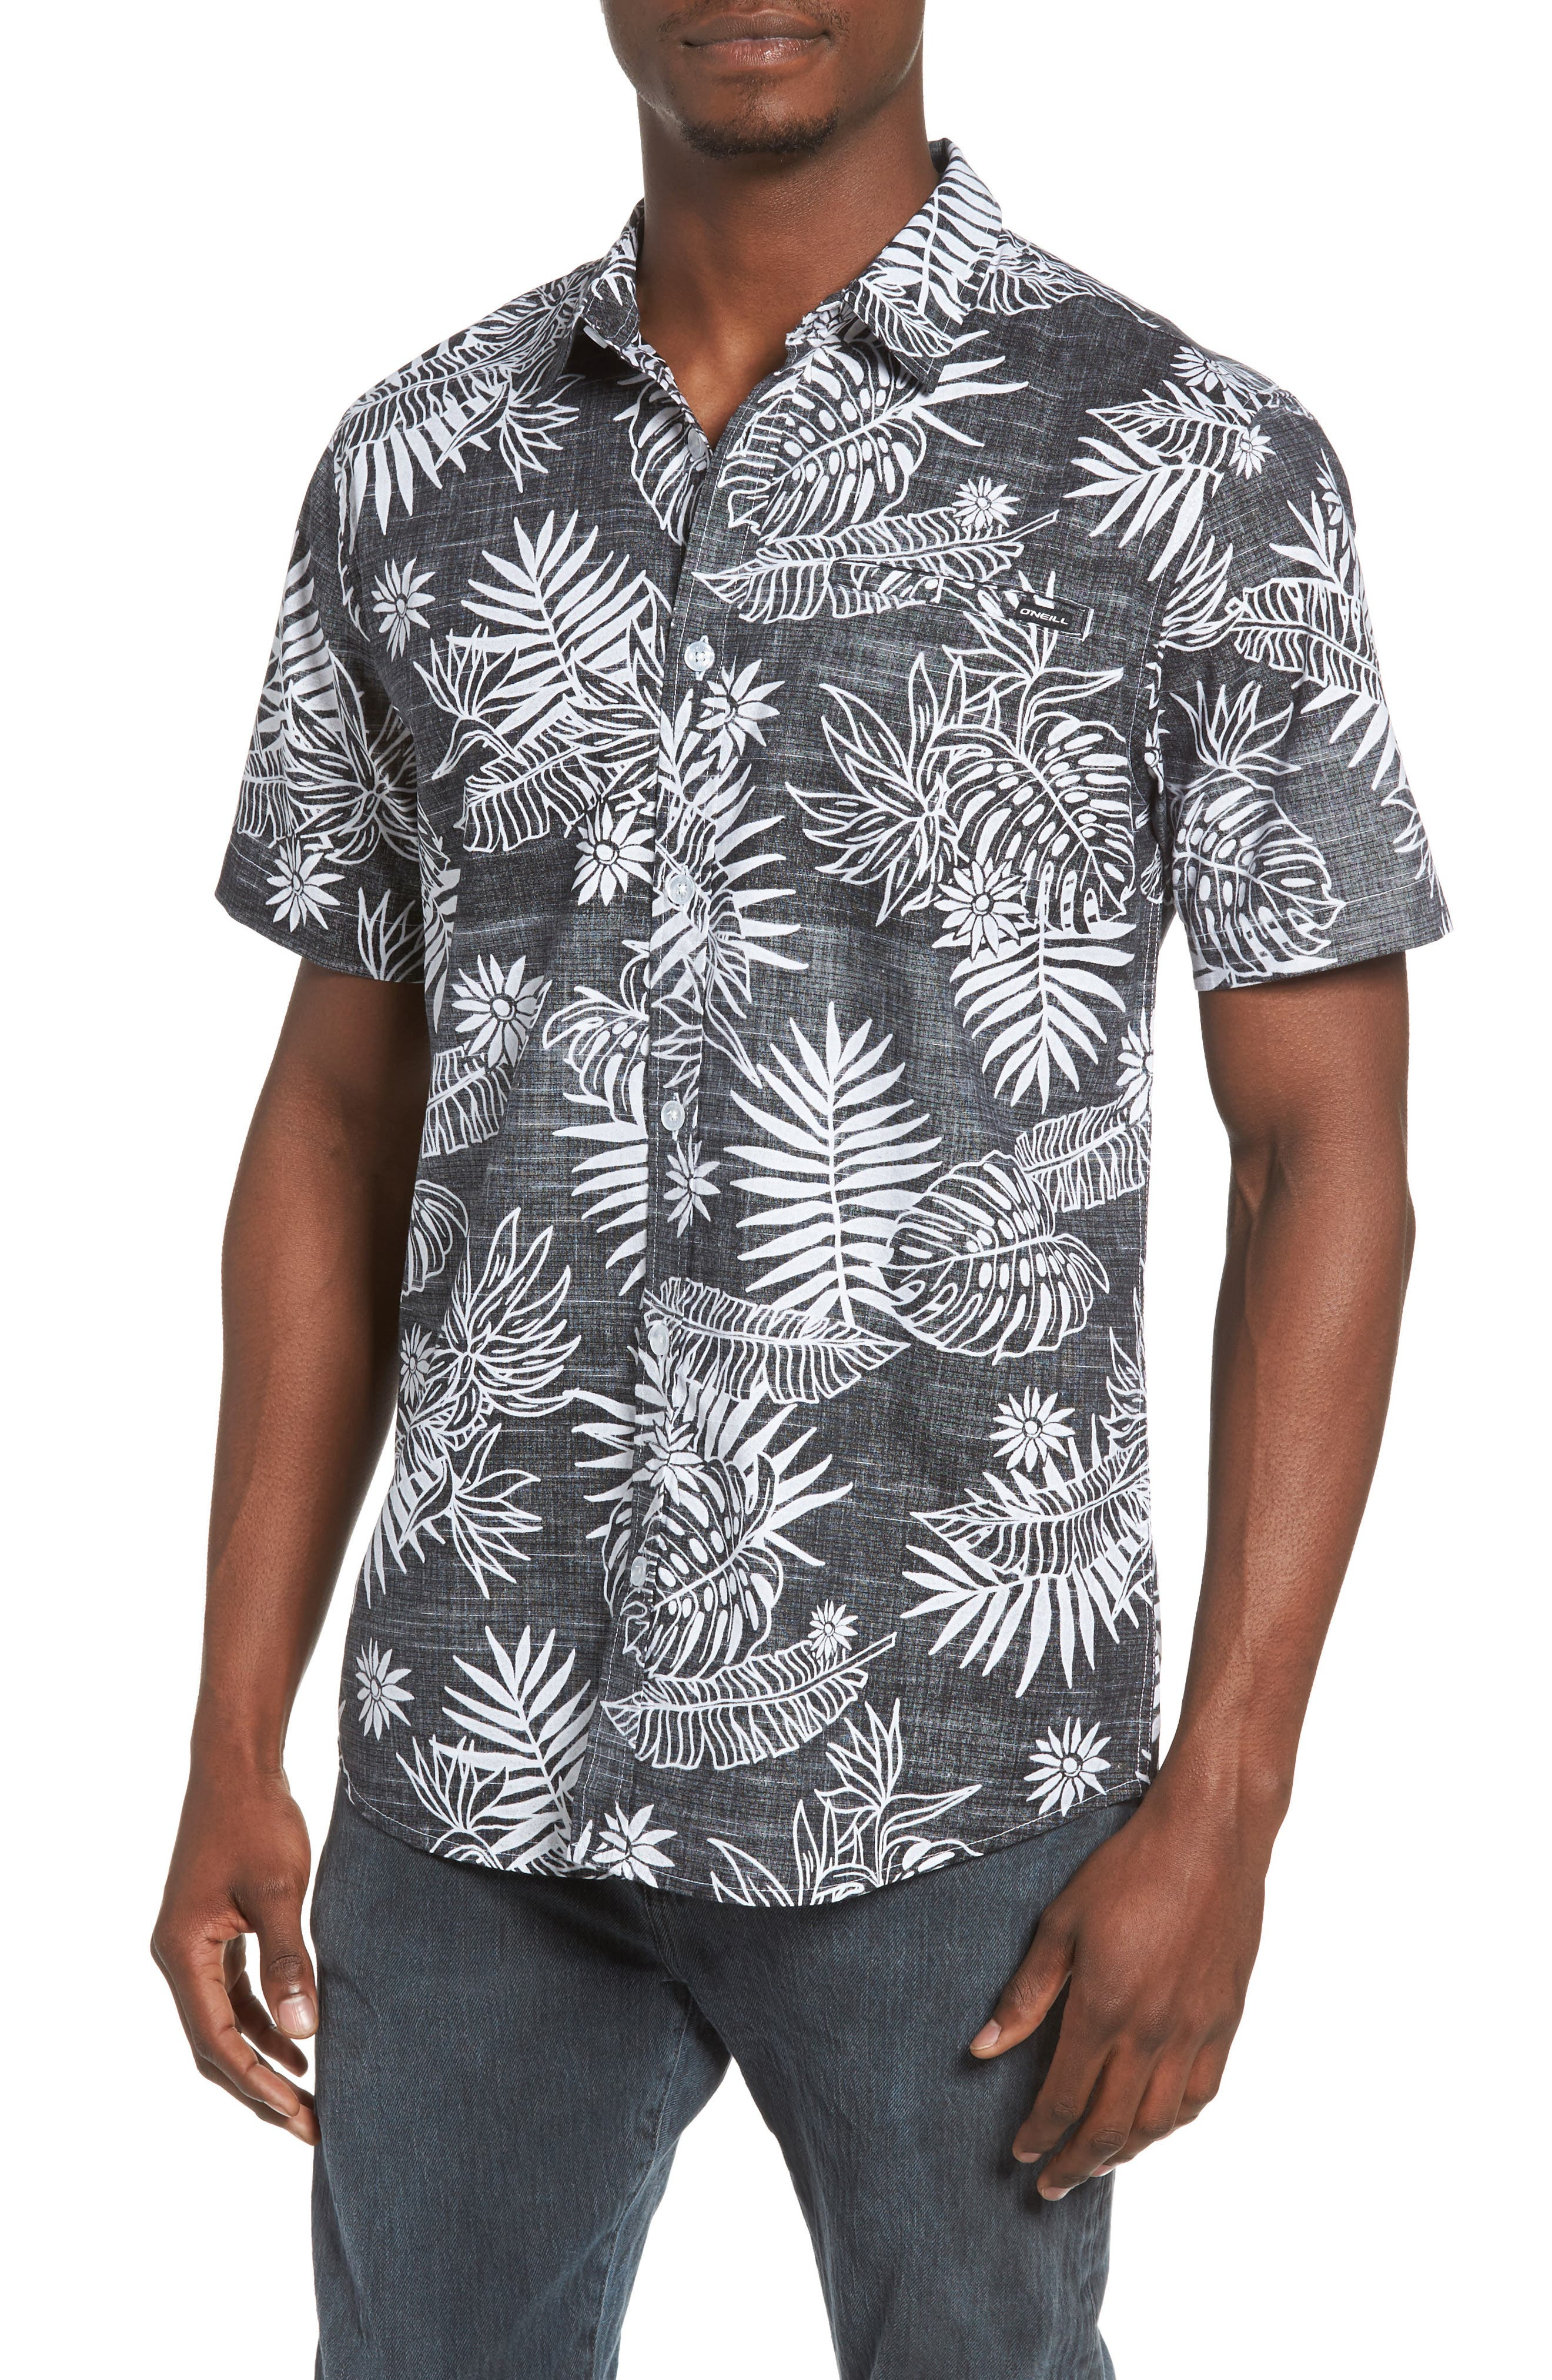 ONEILL Tradewinds Reverse Print Palm Leaf Shirt